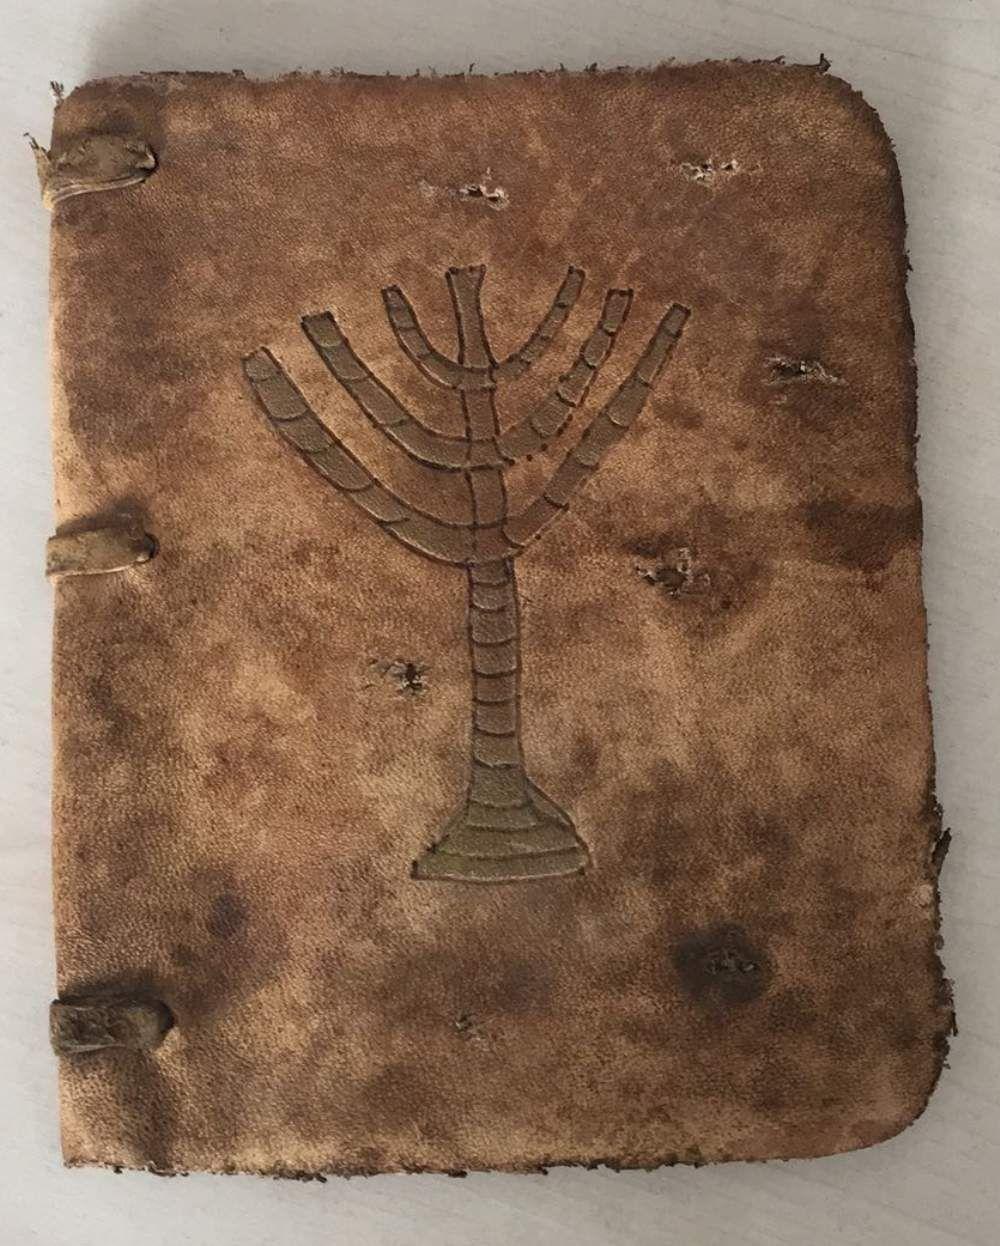 Konya'nın Ereğli ilçesinde bir otomobilde yapılan  aramada, tarihi eser niteliğinde olduğu değerlendirilen el yazması Tevrat bulundu.